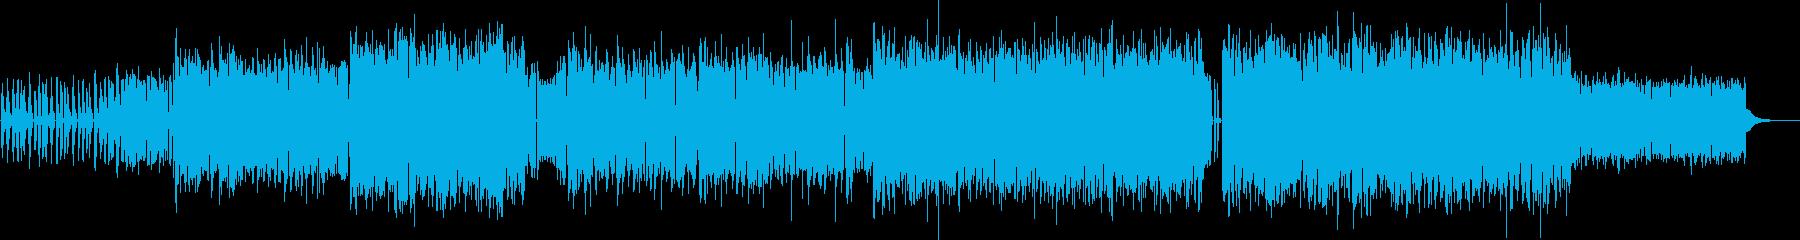 カッコよくてノレるエレクトロポップの再生済みの波形